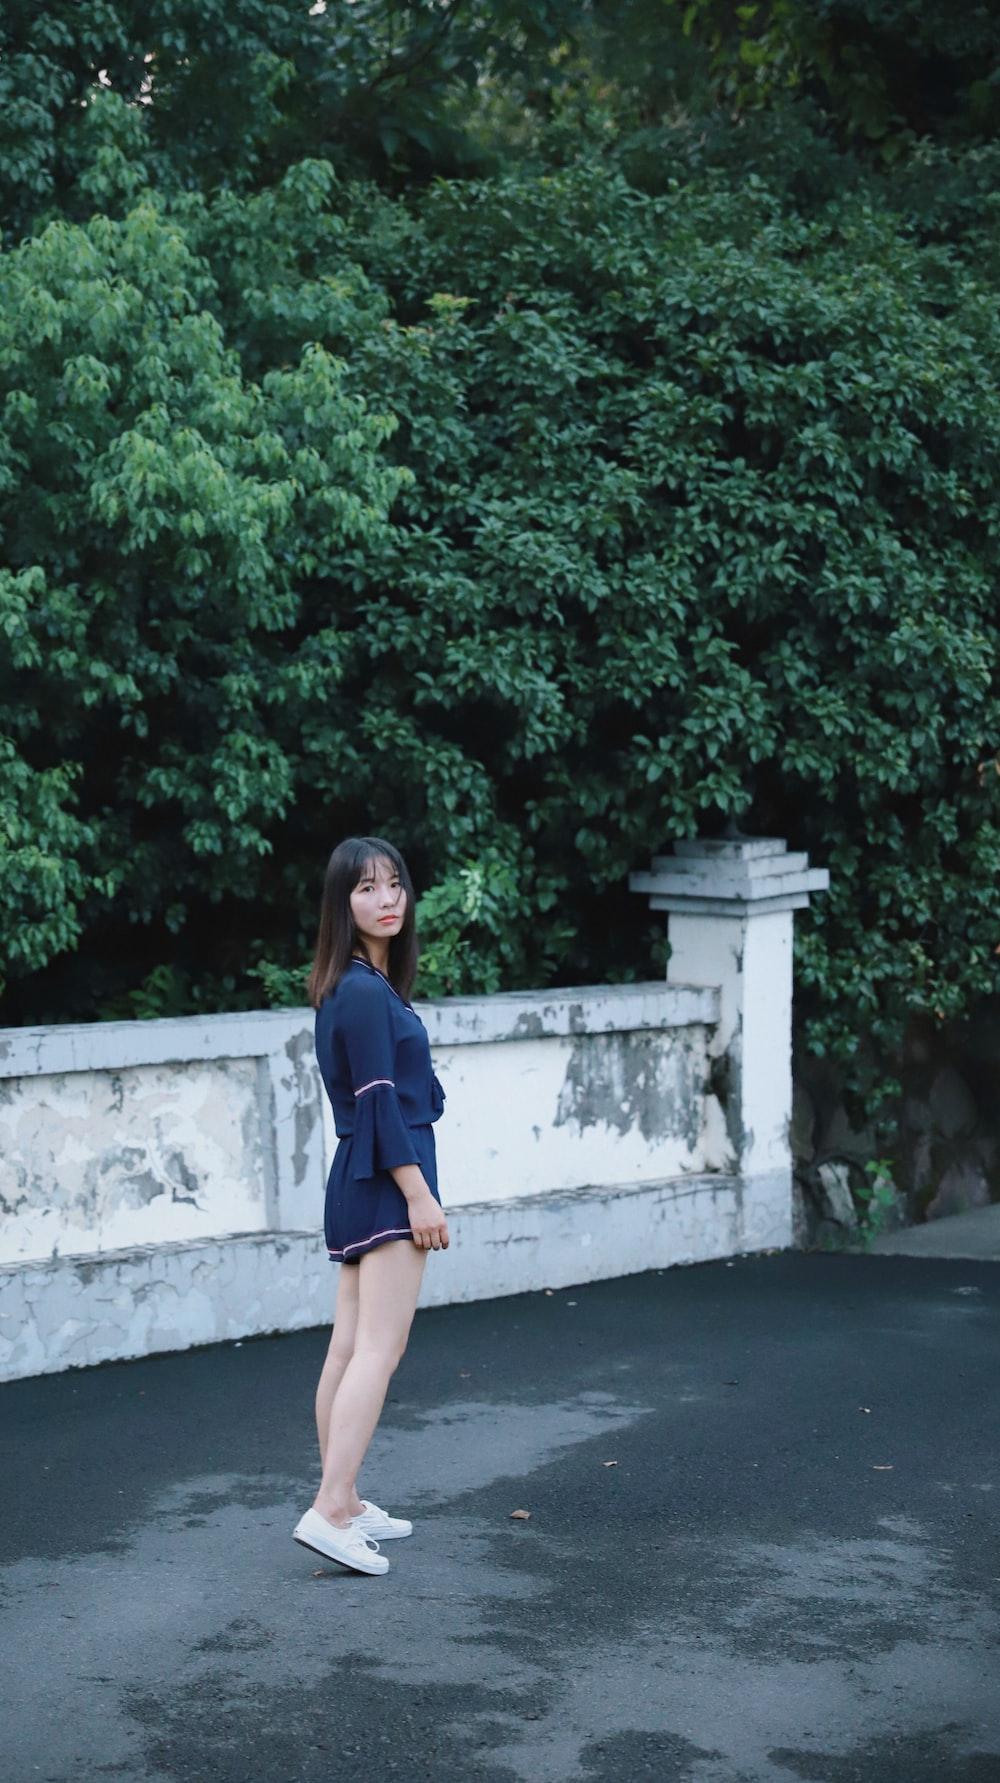 woman standing on concrete floor outdoor